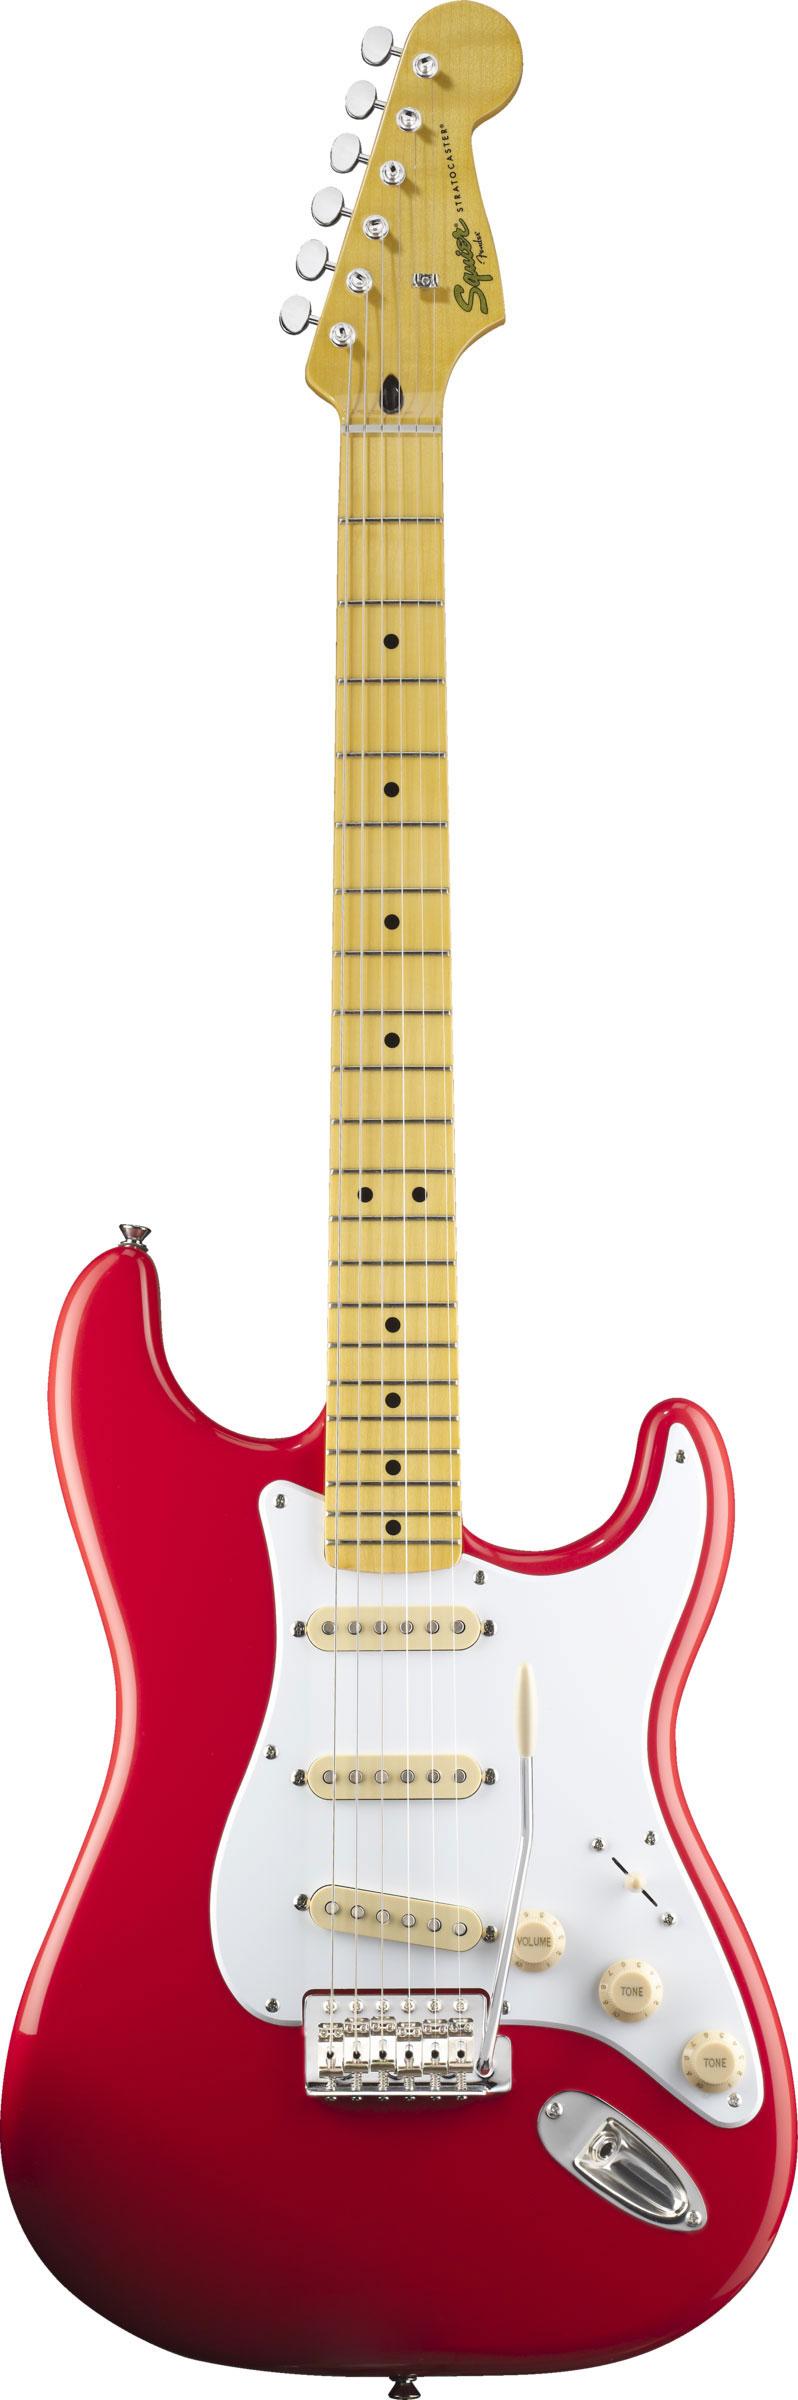 Guitarra Squier Classic Vibe Stratocaster 50s 030-3000-504 Vermelha